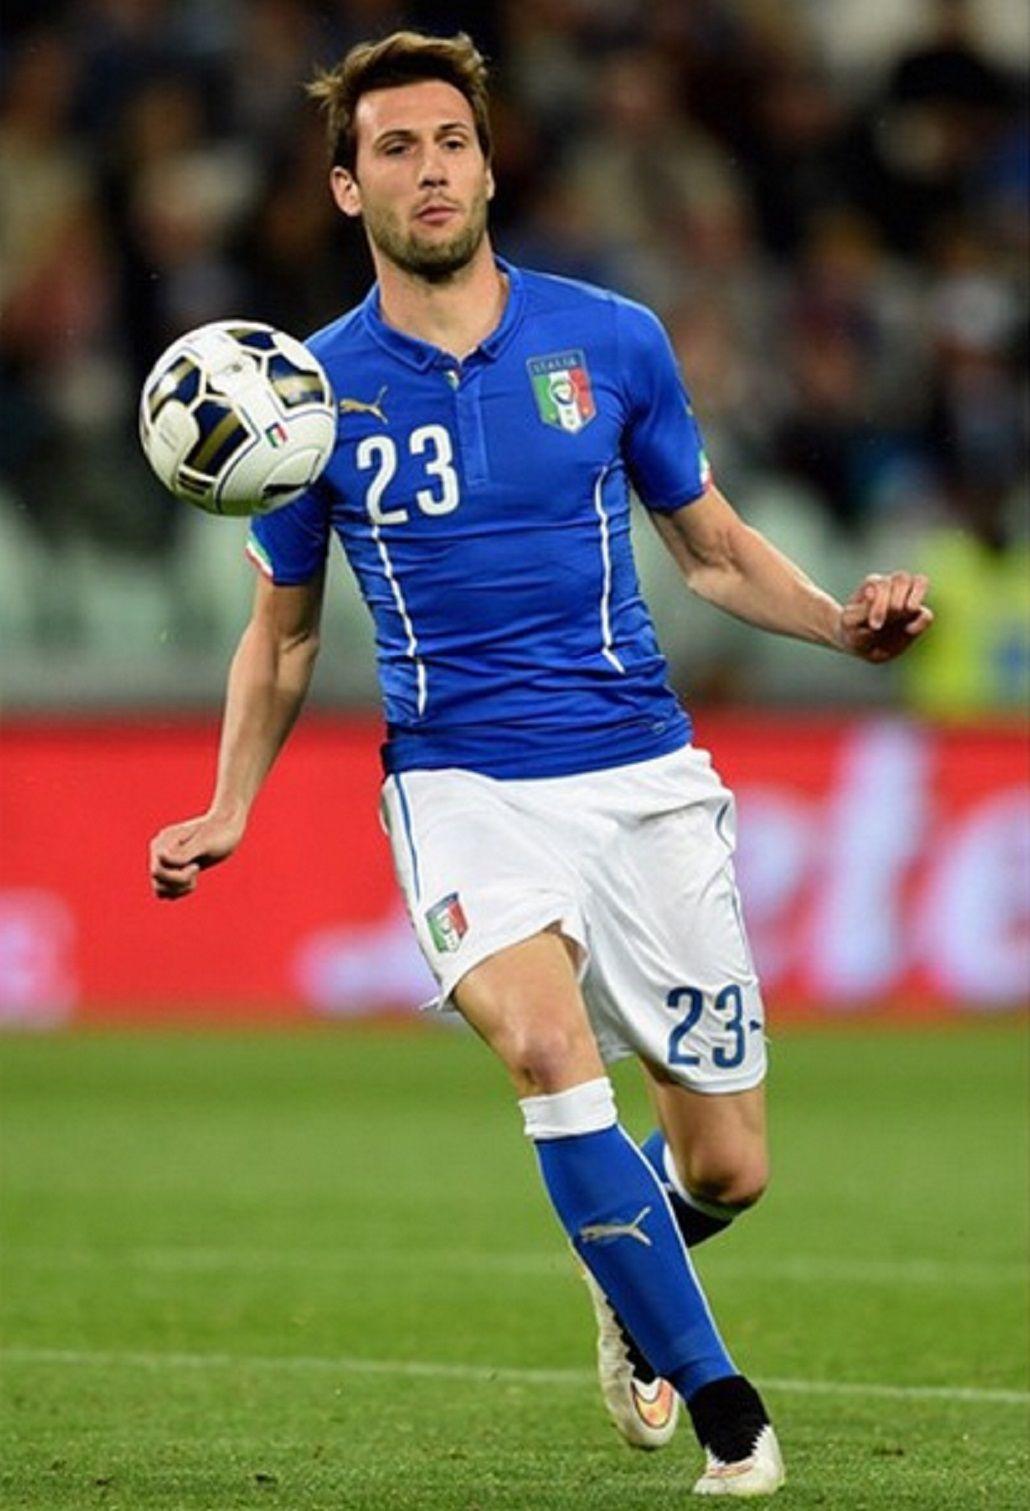 Franco Vázquez hizo su debut en la Selección italiana | Fútbol